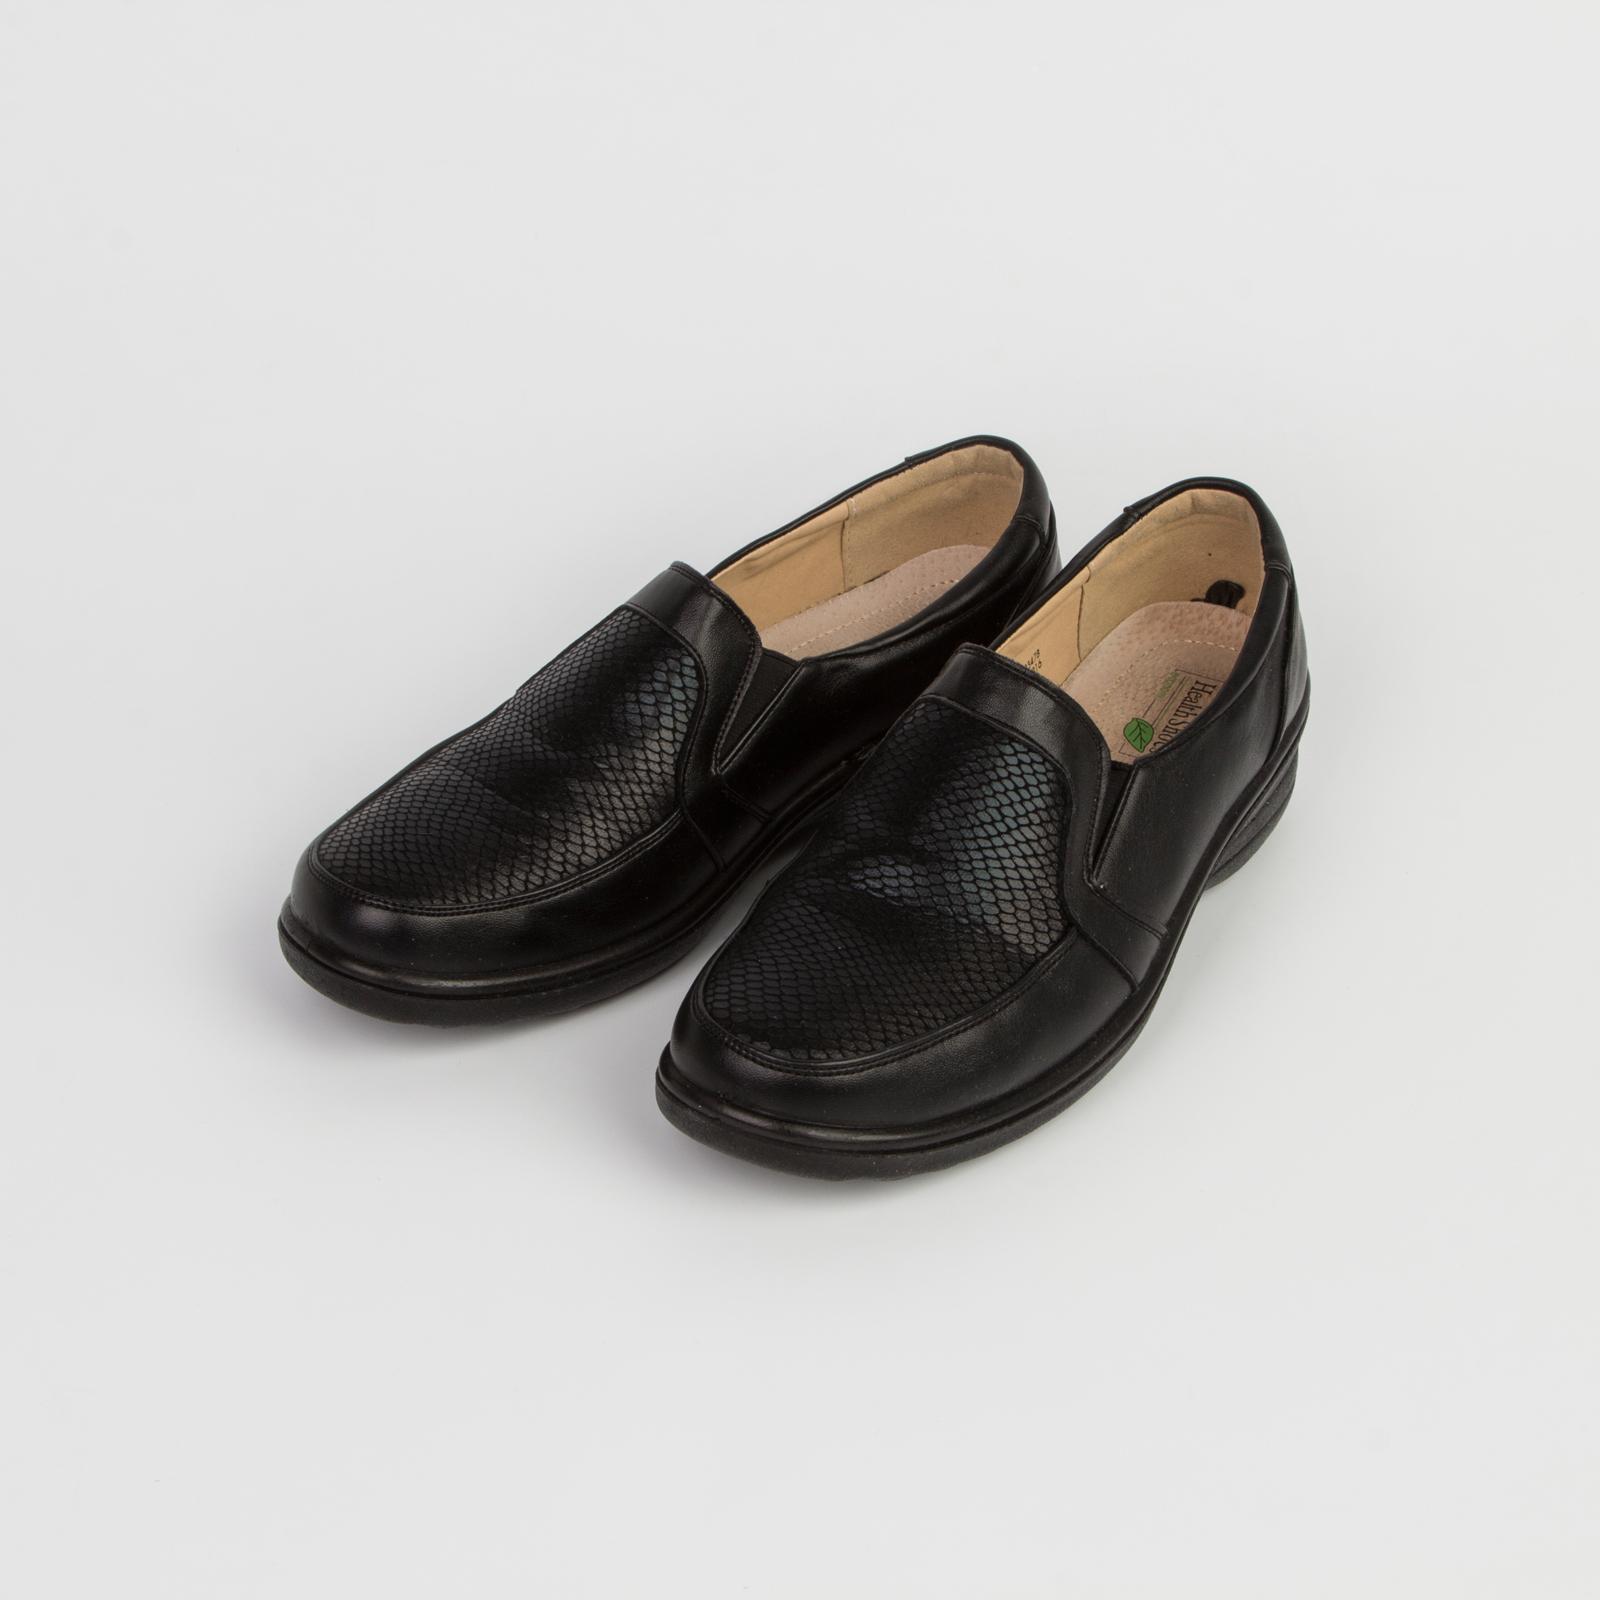 Туфли женские с декорированной вставкой на мысу